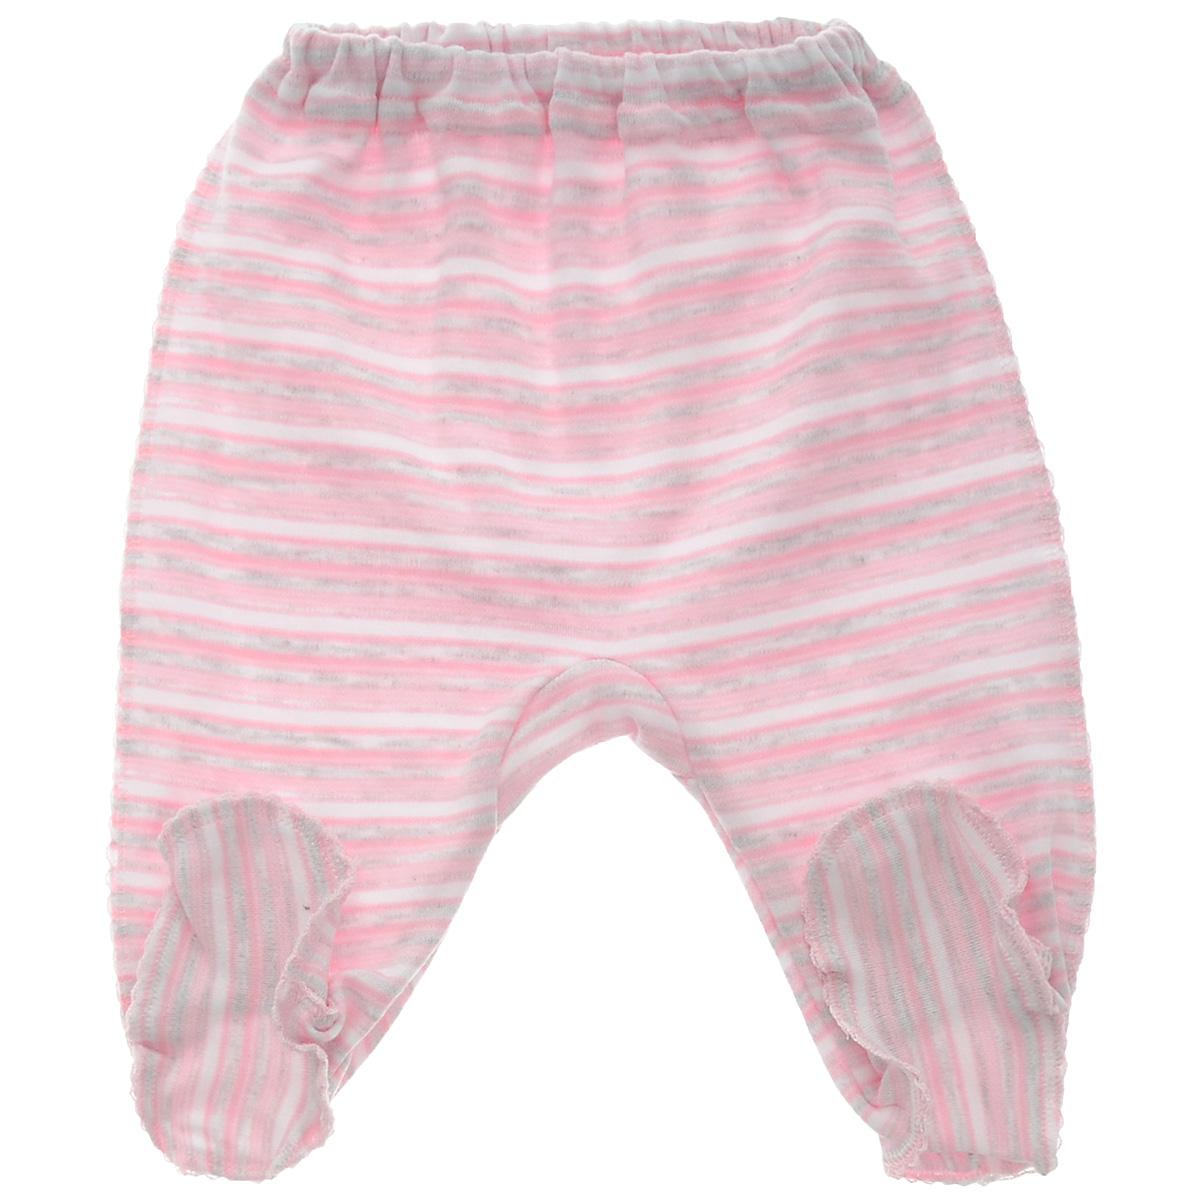 Ползунки Фреш стайл, цвет: розовый, белый. 39-506. Размер 68, 6 месяцев39-506Ползунки с закрытыми ножками Фреш Стайл послужат идеальным дополнением к гардеробу вашего ребенка. Ползунки с закрытыми ножками, изготовленные из натурального хлопка, необычайно мягкие и легкие, не раздражают нежную кожу ребенка и хорошо вентилируются, а эластичные швы приятны телу малыша и не препятствуют его движениям.Ползунки на резинке - очень удобный и практичный вид одежды для малышей. Отлично сочетаются с футболками, кофточками и боди.